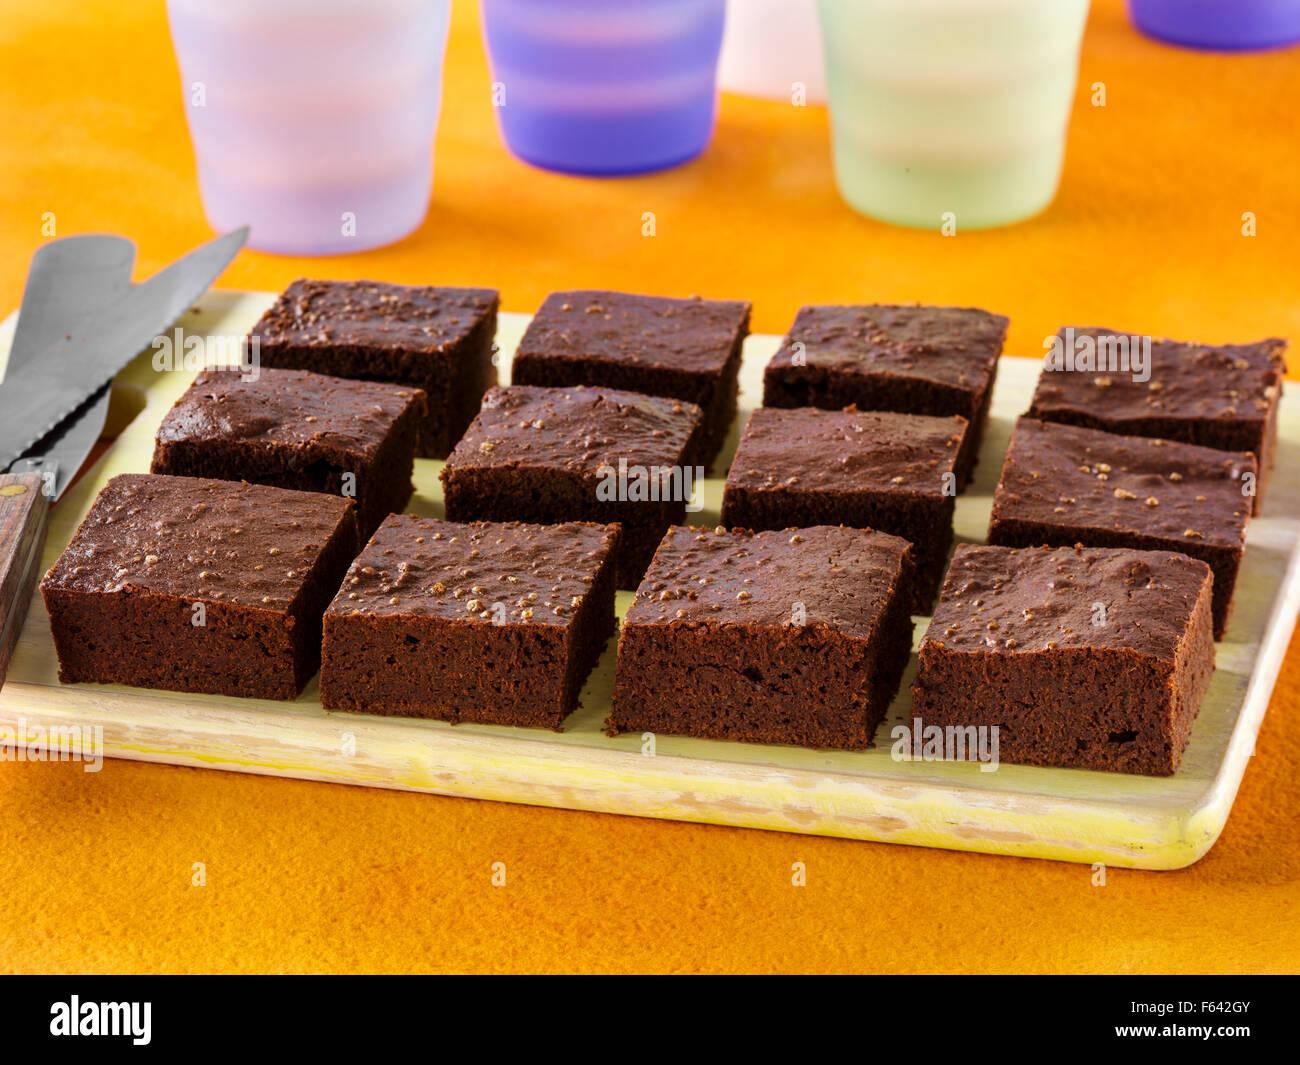 Effortless brownies - Stock Image